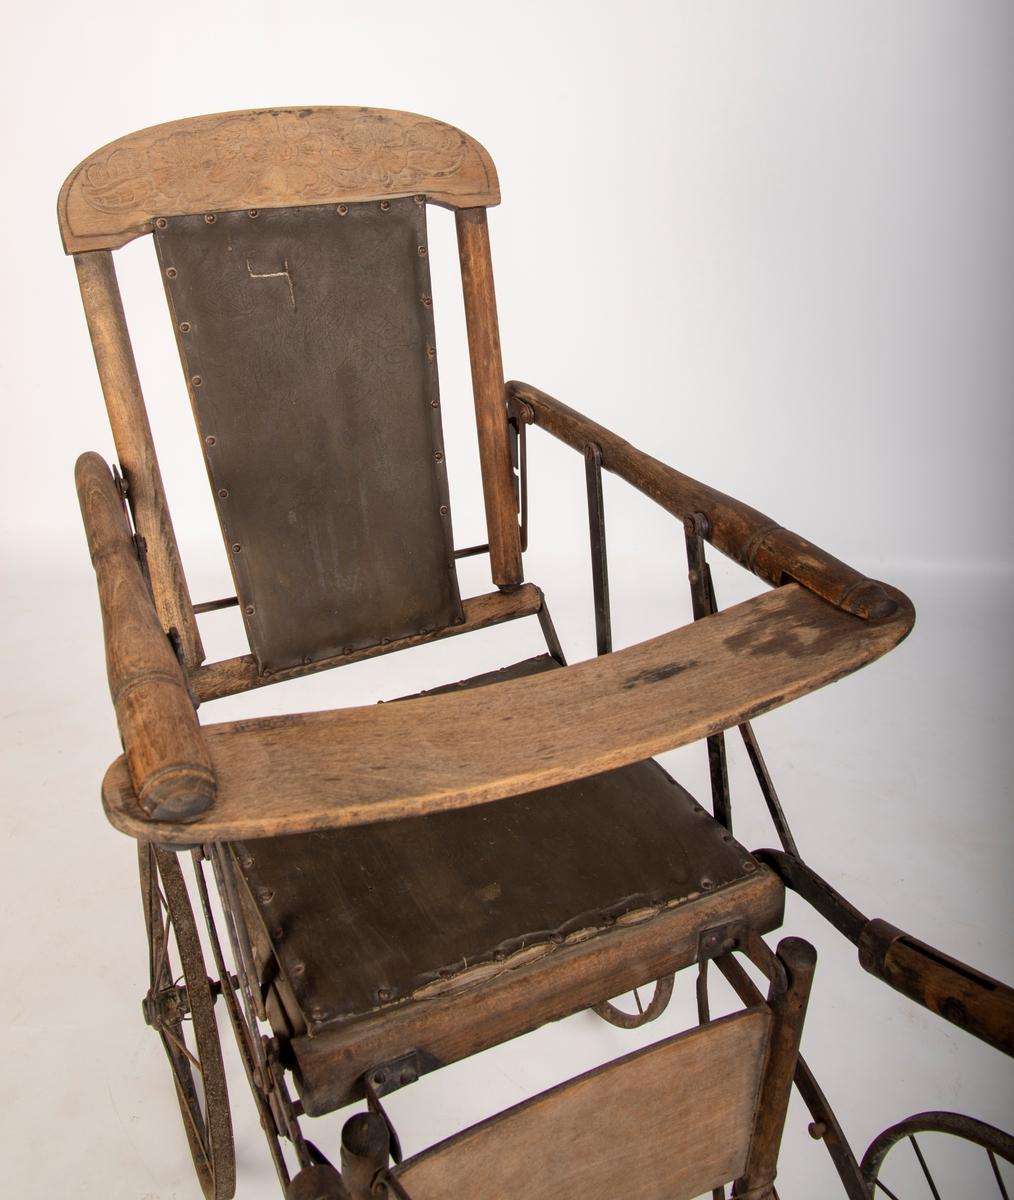 Ramme av tre med kunstlær i sete og rygg. Håndtak av jernrør. 4 hjul mangler dekk. Mangler stopper for fotbrett. Hull i ryggtrekket og mye rust. Setetrekket løsnet i den ene siden. noen enkle reparasjoner med ståltråd.